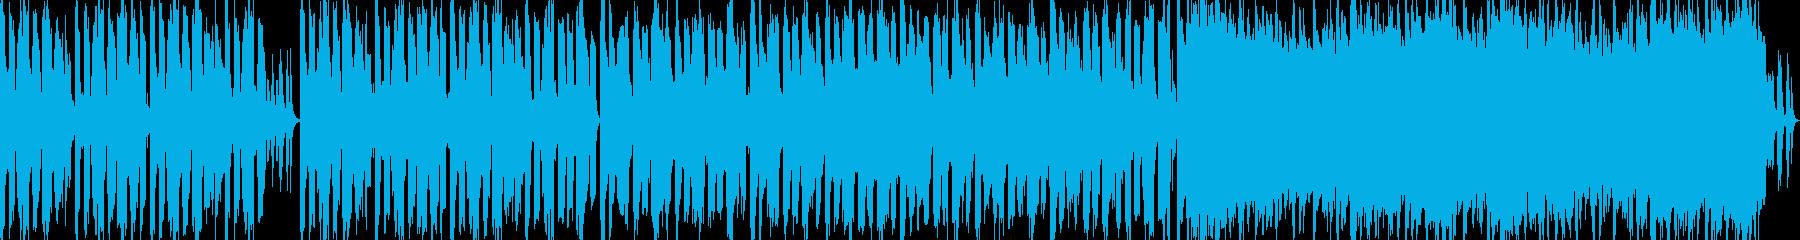 ほのぼのした明るいBGMの再生済みの波形